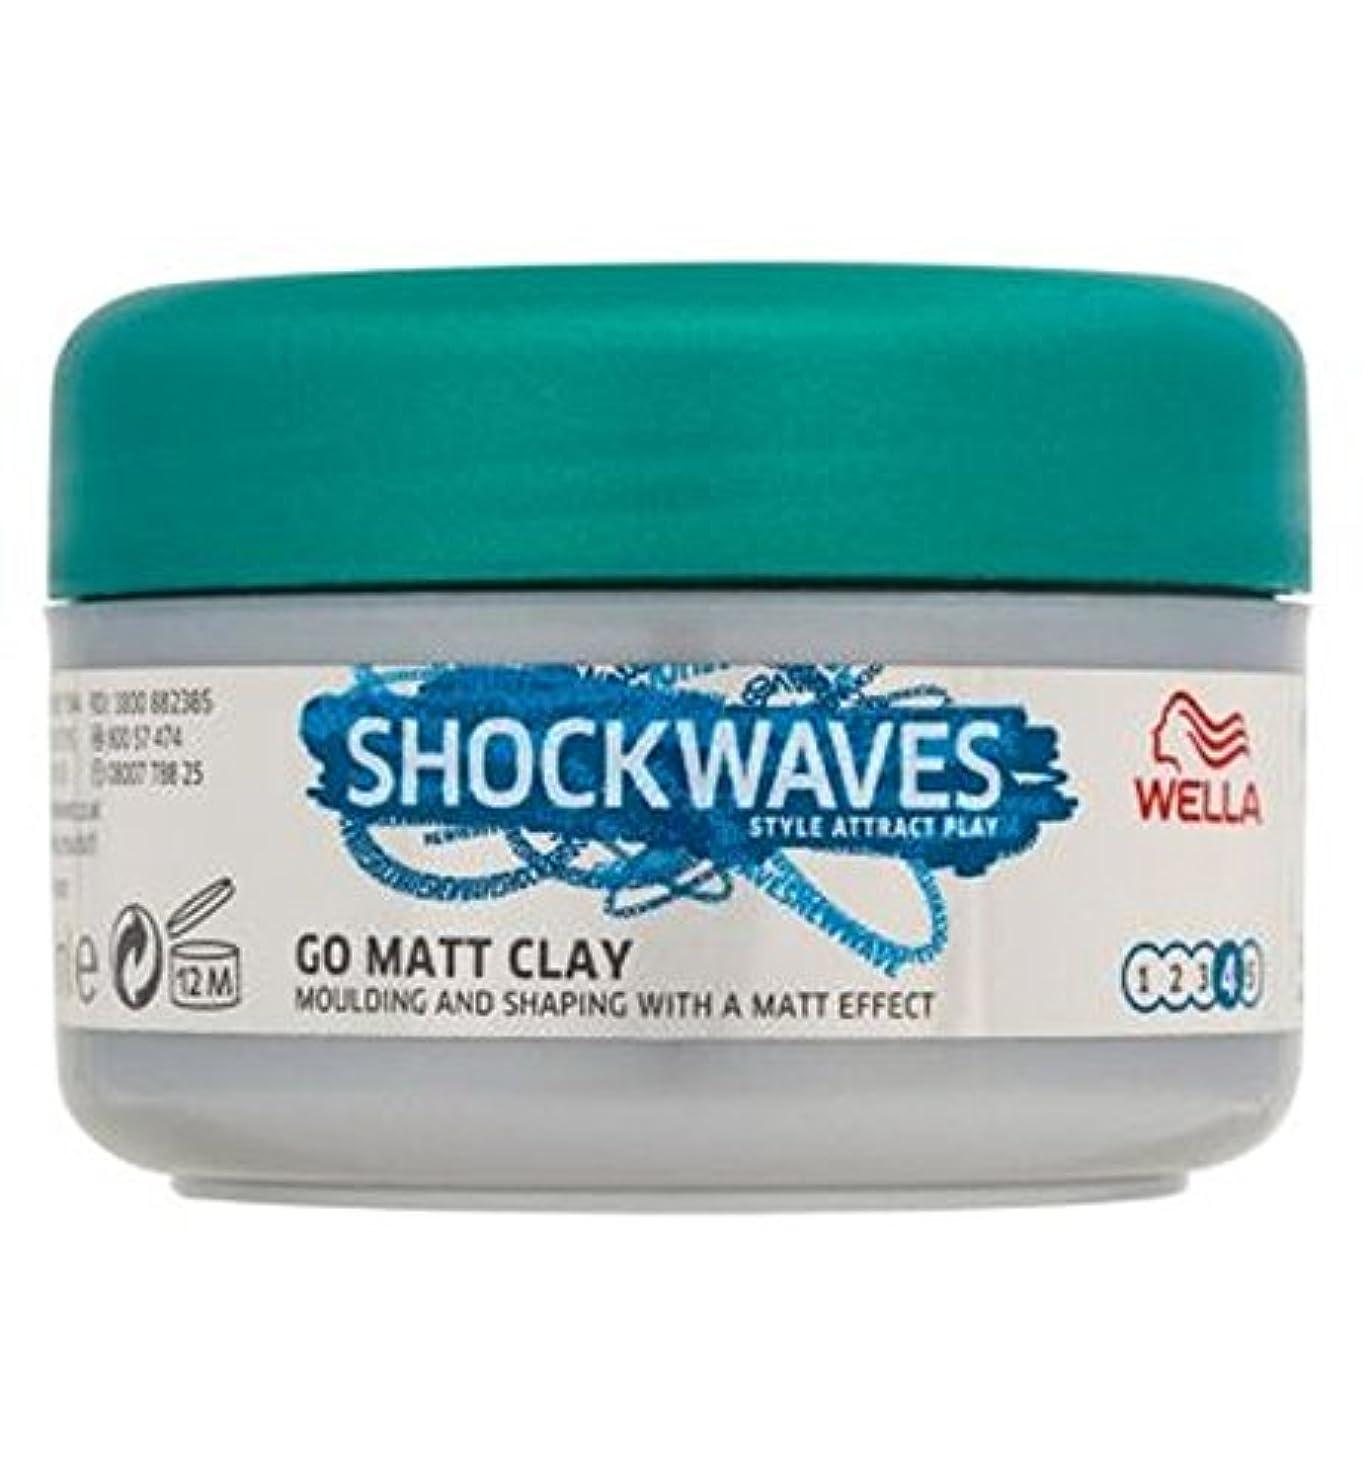 ベテラン利点兵士ウエラの衝撃波の外向性はマット粘土75ミリリットルを行きます (Wella Shockwaves) (x2) - Wella Shockwaves Extrovert Go Matt Clay 75ml (Pack of...